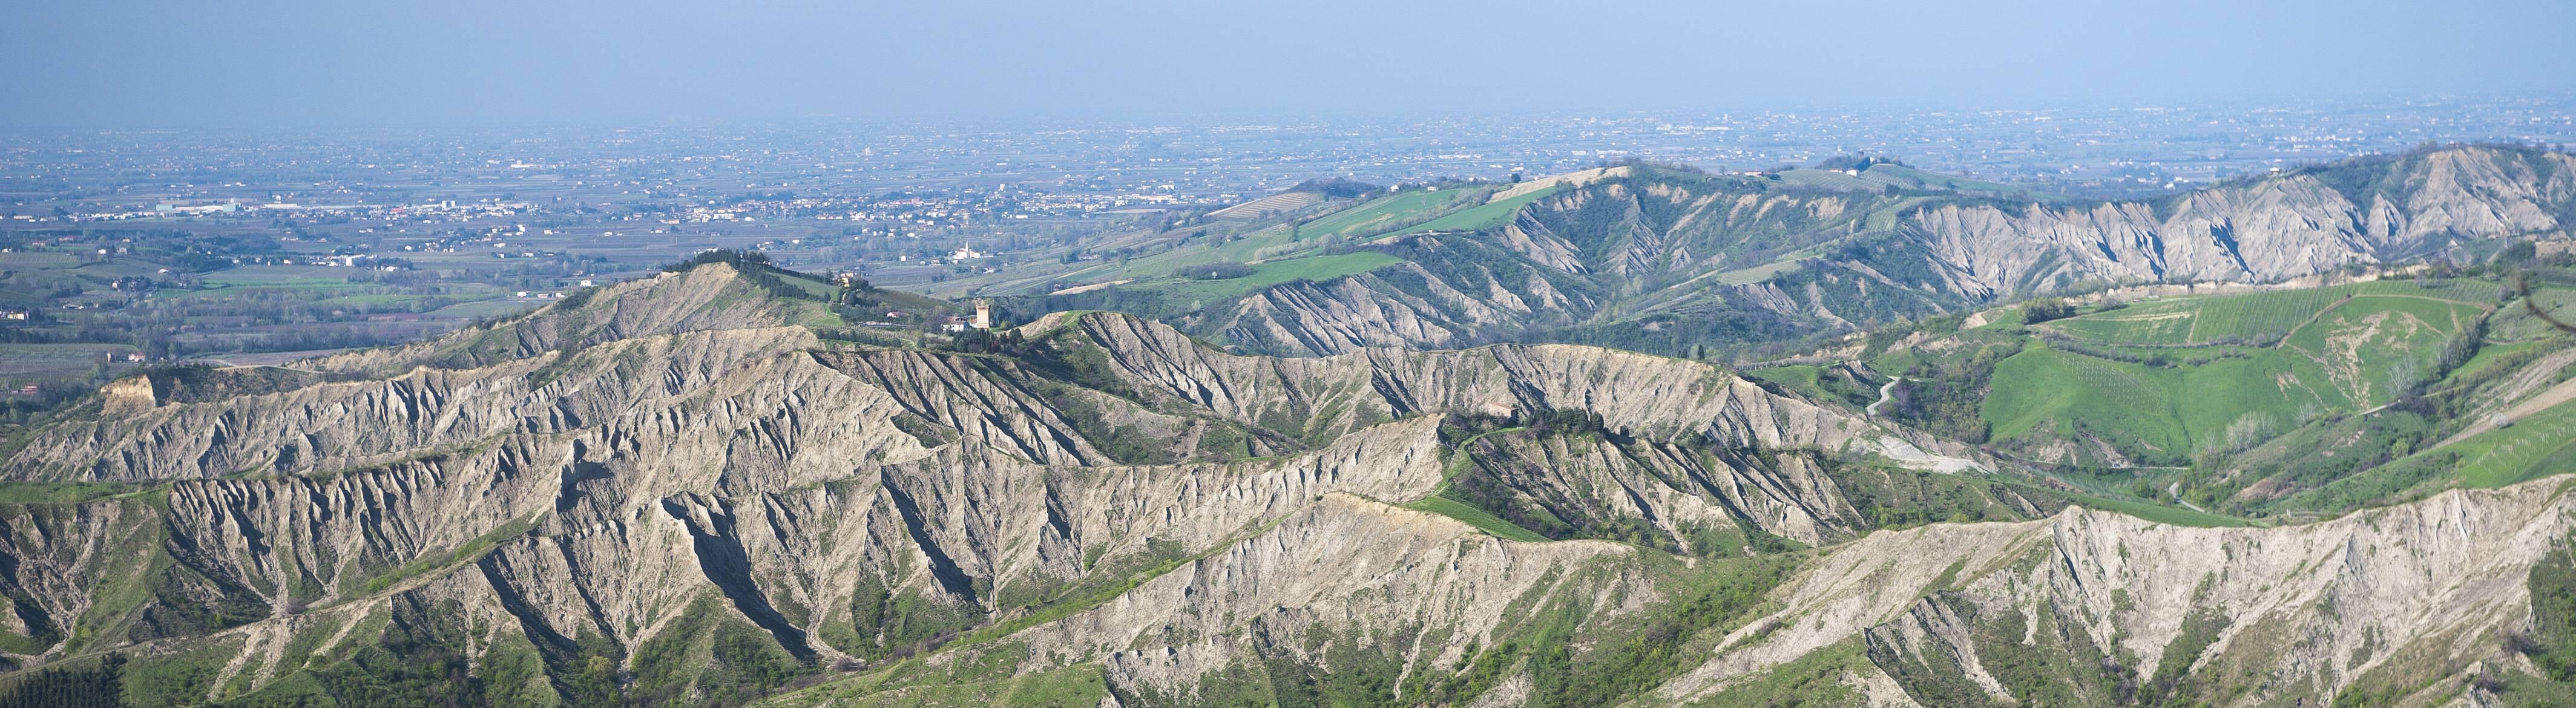 Hügellandschaft mit Erosionstälern, Ausläufer des Apennin-Gebirges, hinten Küstenebene der Adria, Brisighella, Emilia-Romagna, Italien, Europa